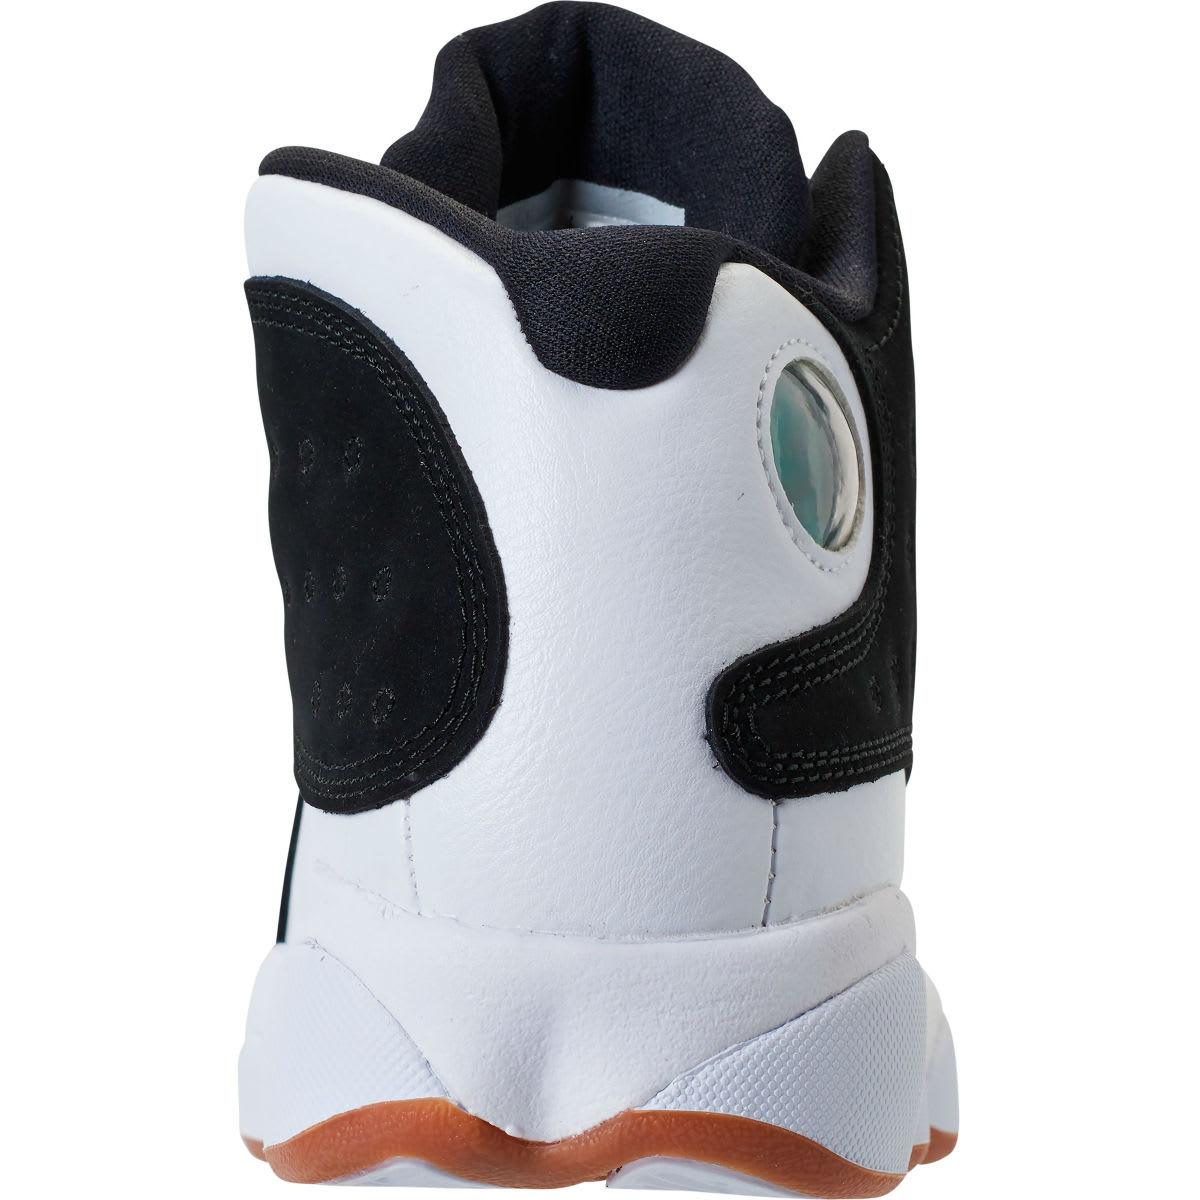 afdad26eb87bcb Air Jordan 13 Retro GG Release Date  02 24 18. Color  Black Metallic Gold- White-Gum Medium Brown Style    439358-021. Price   140